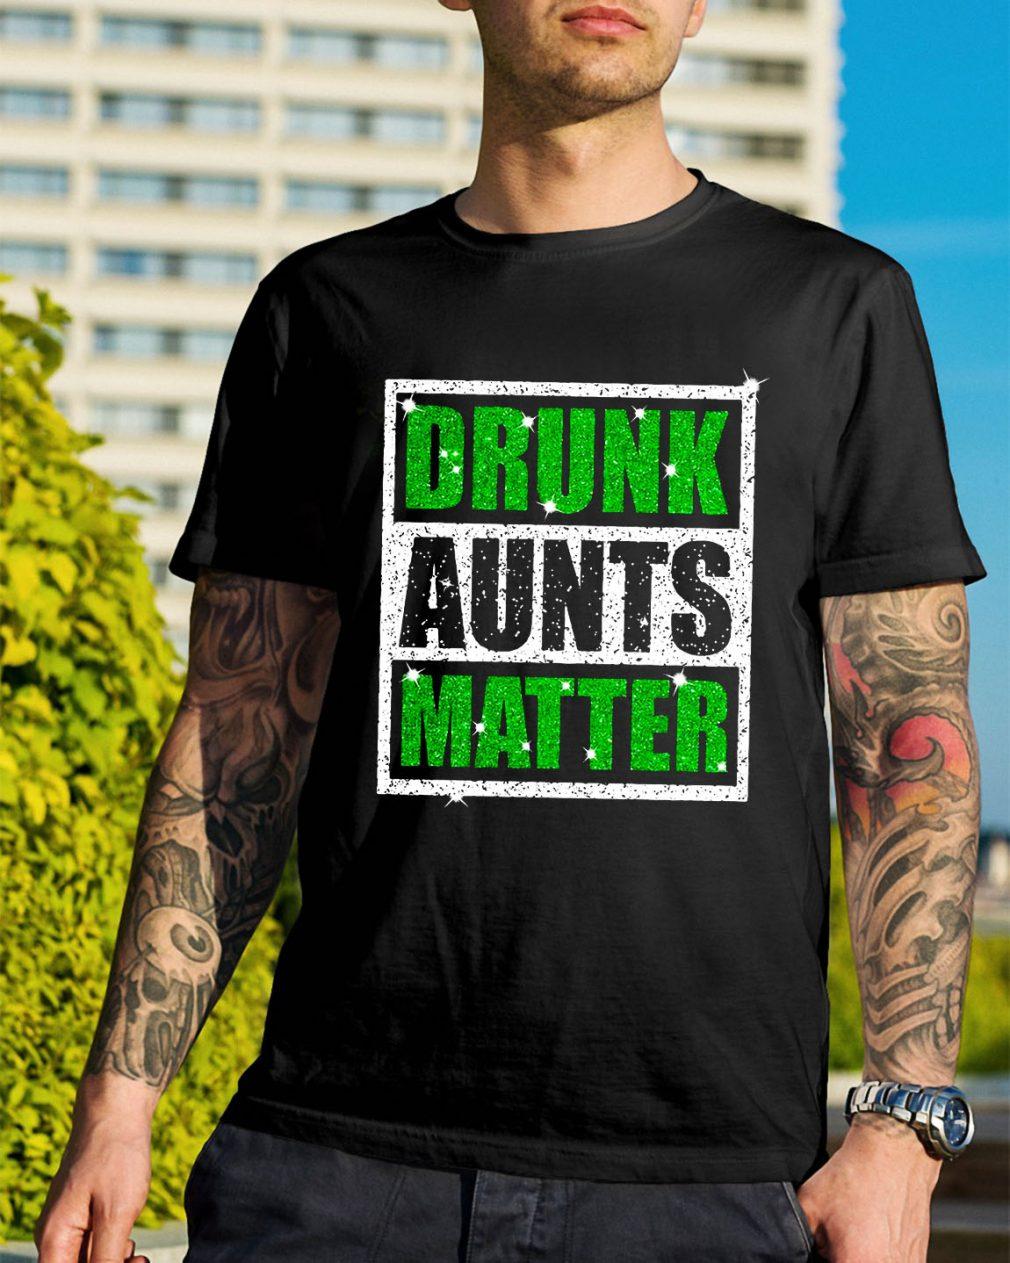 Drunk aunts matter shirt